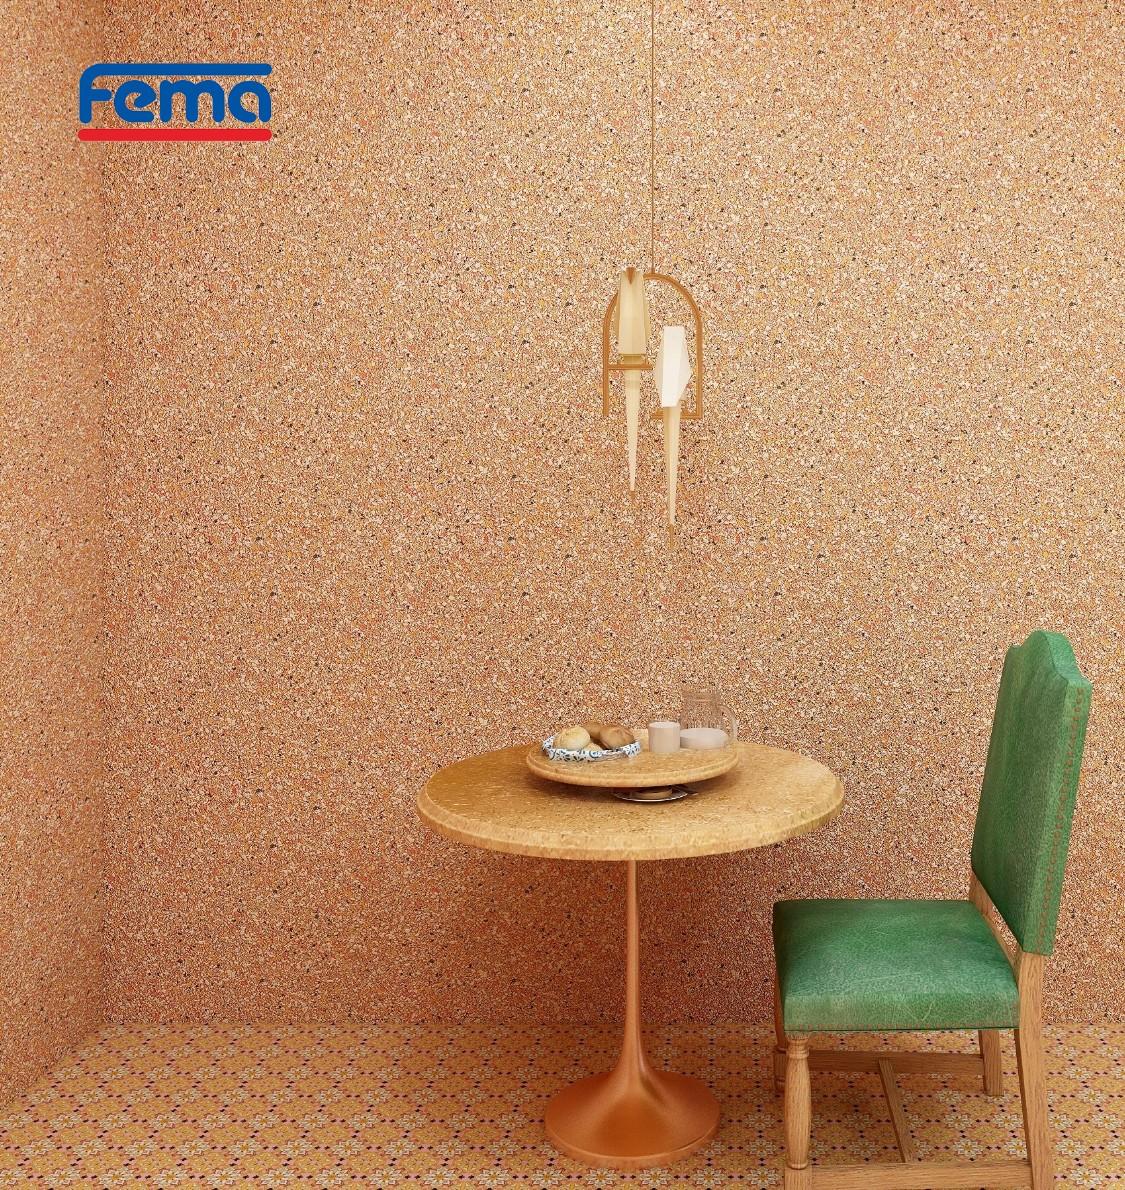 成都德国菲玛环保漆品牌有哪些如何选择乳胶漆德国菲玛